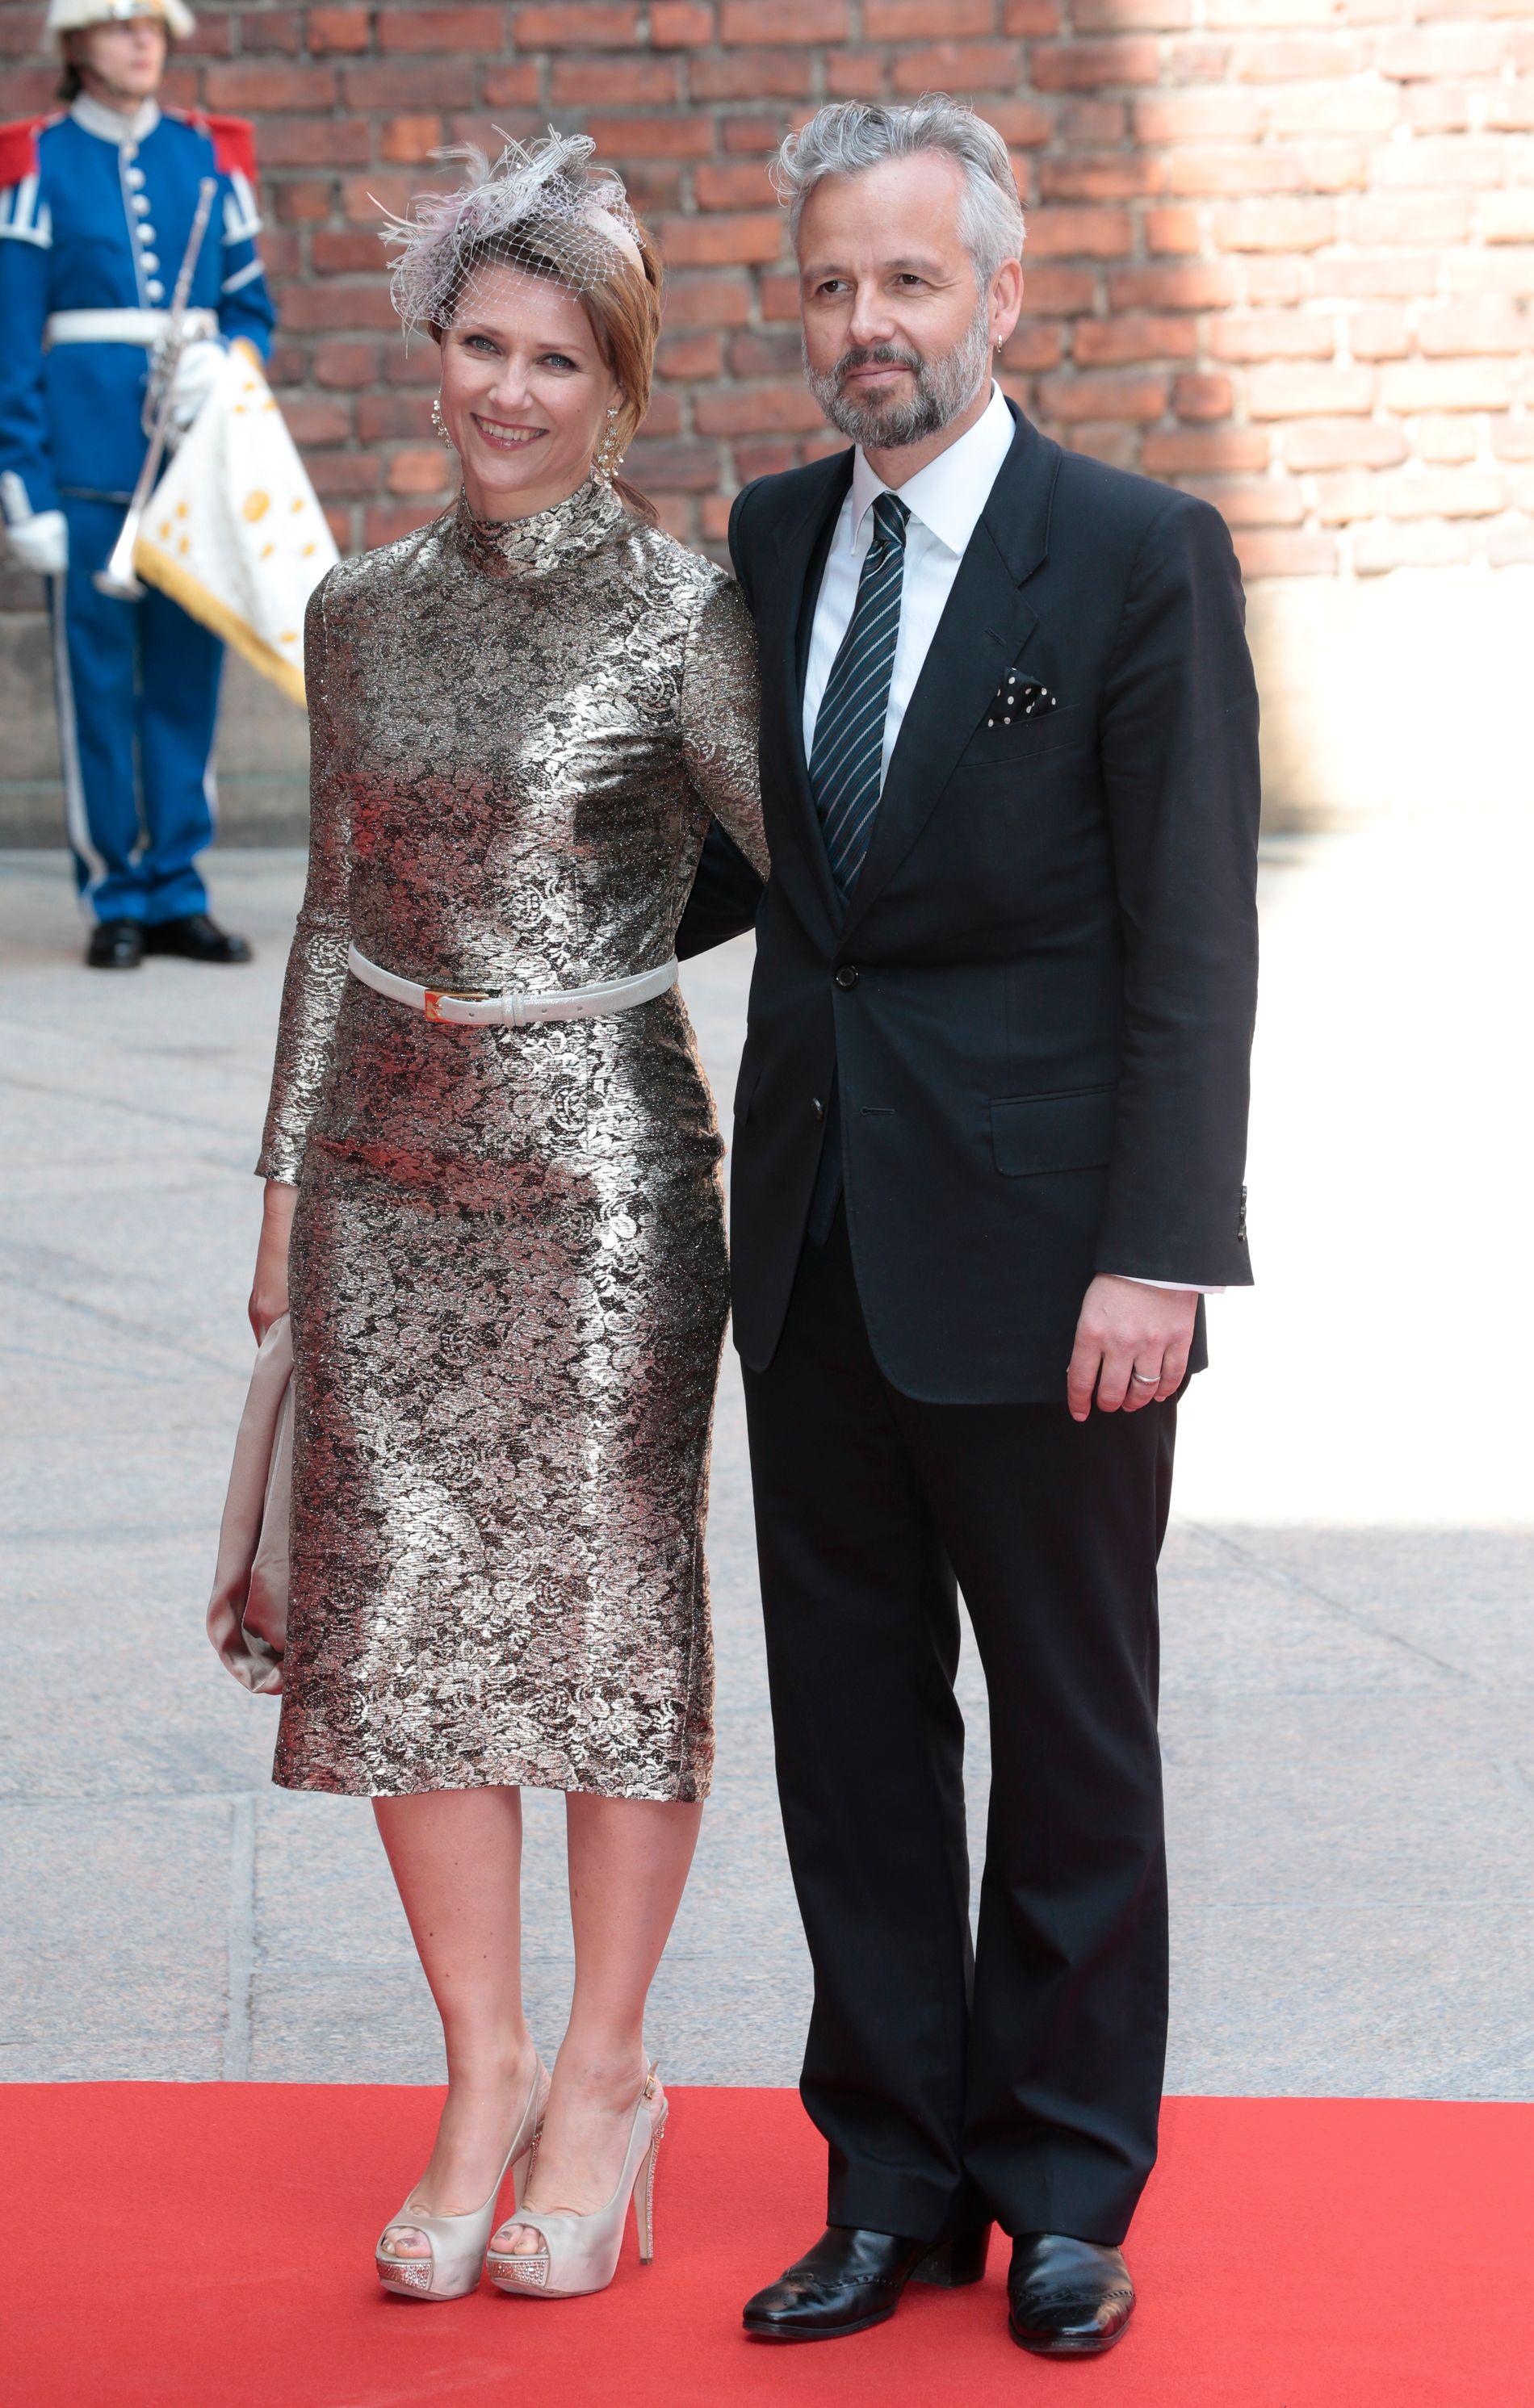 SKILLES: Prinsesse Märtha Louise og Ari Behn skal skilles etter 14 års ekteskap. Det melder NTB fredag.